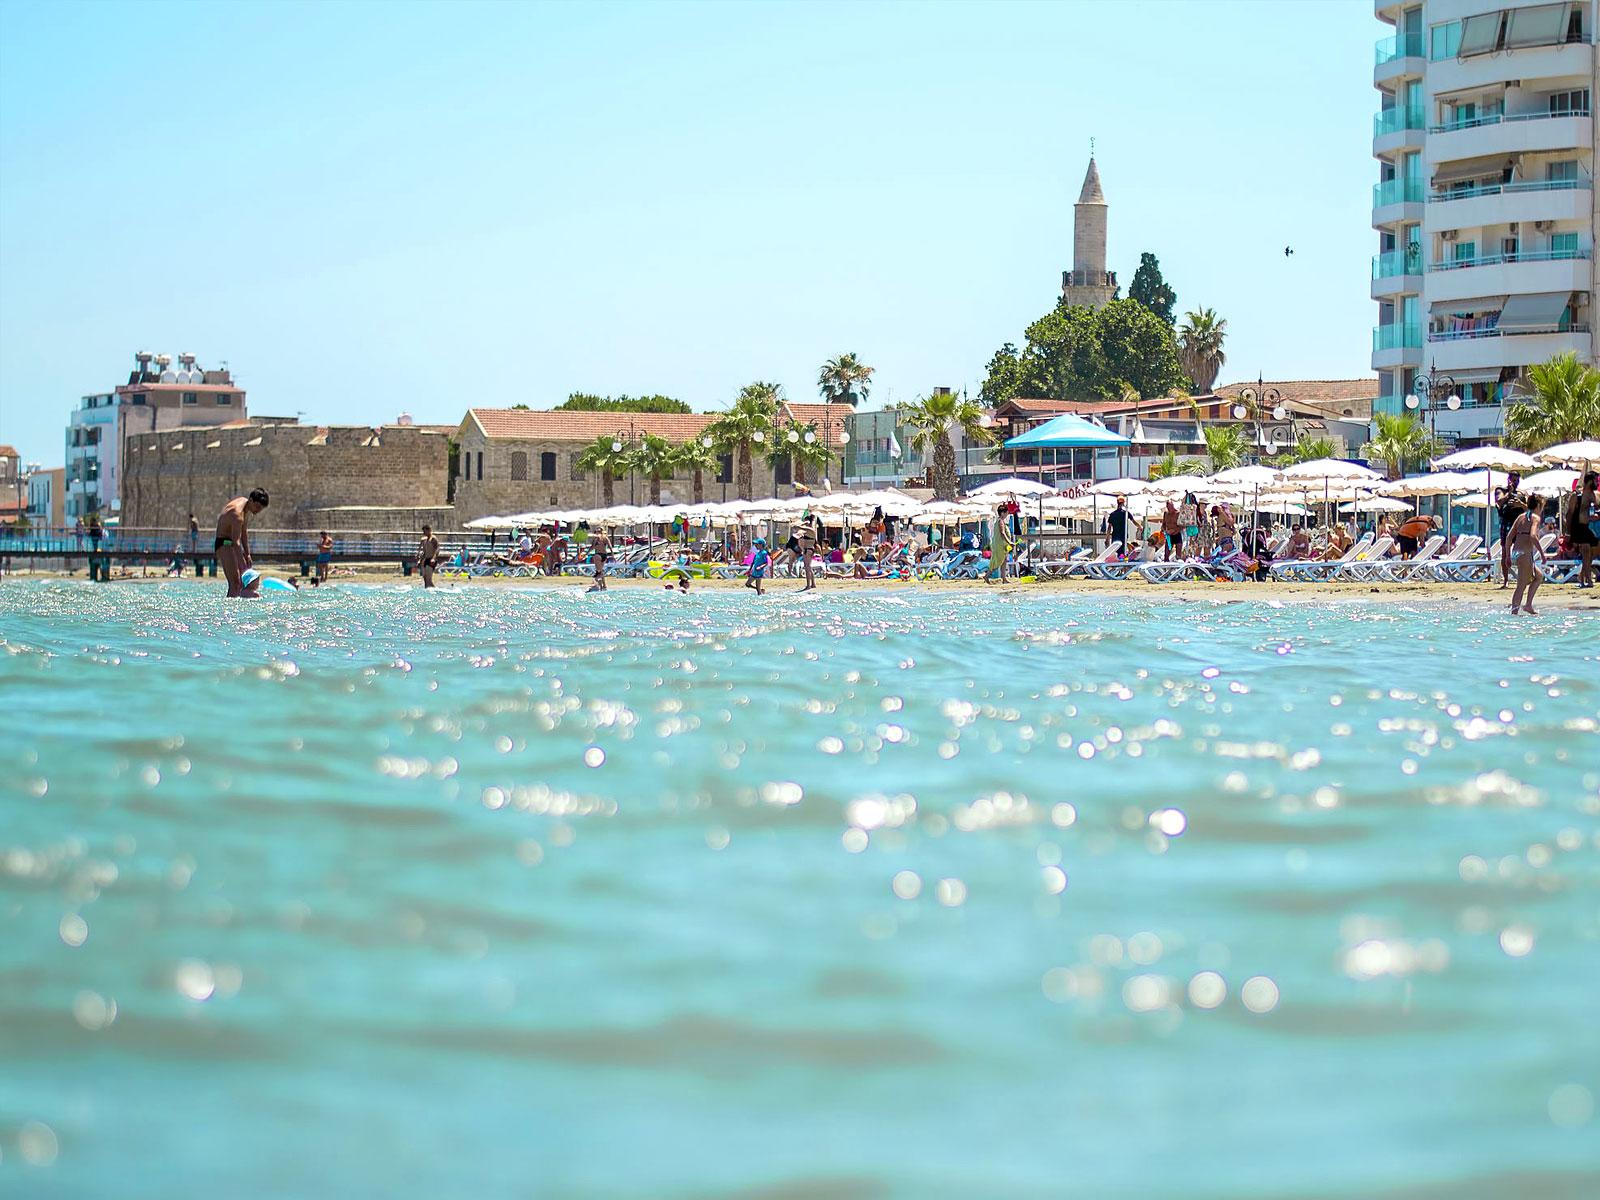 Κίτρινη προειδοποίηση για εξαιρετικά υψηλές θερμοκρασίες στην Κύπρο